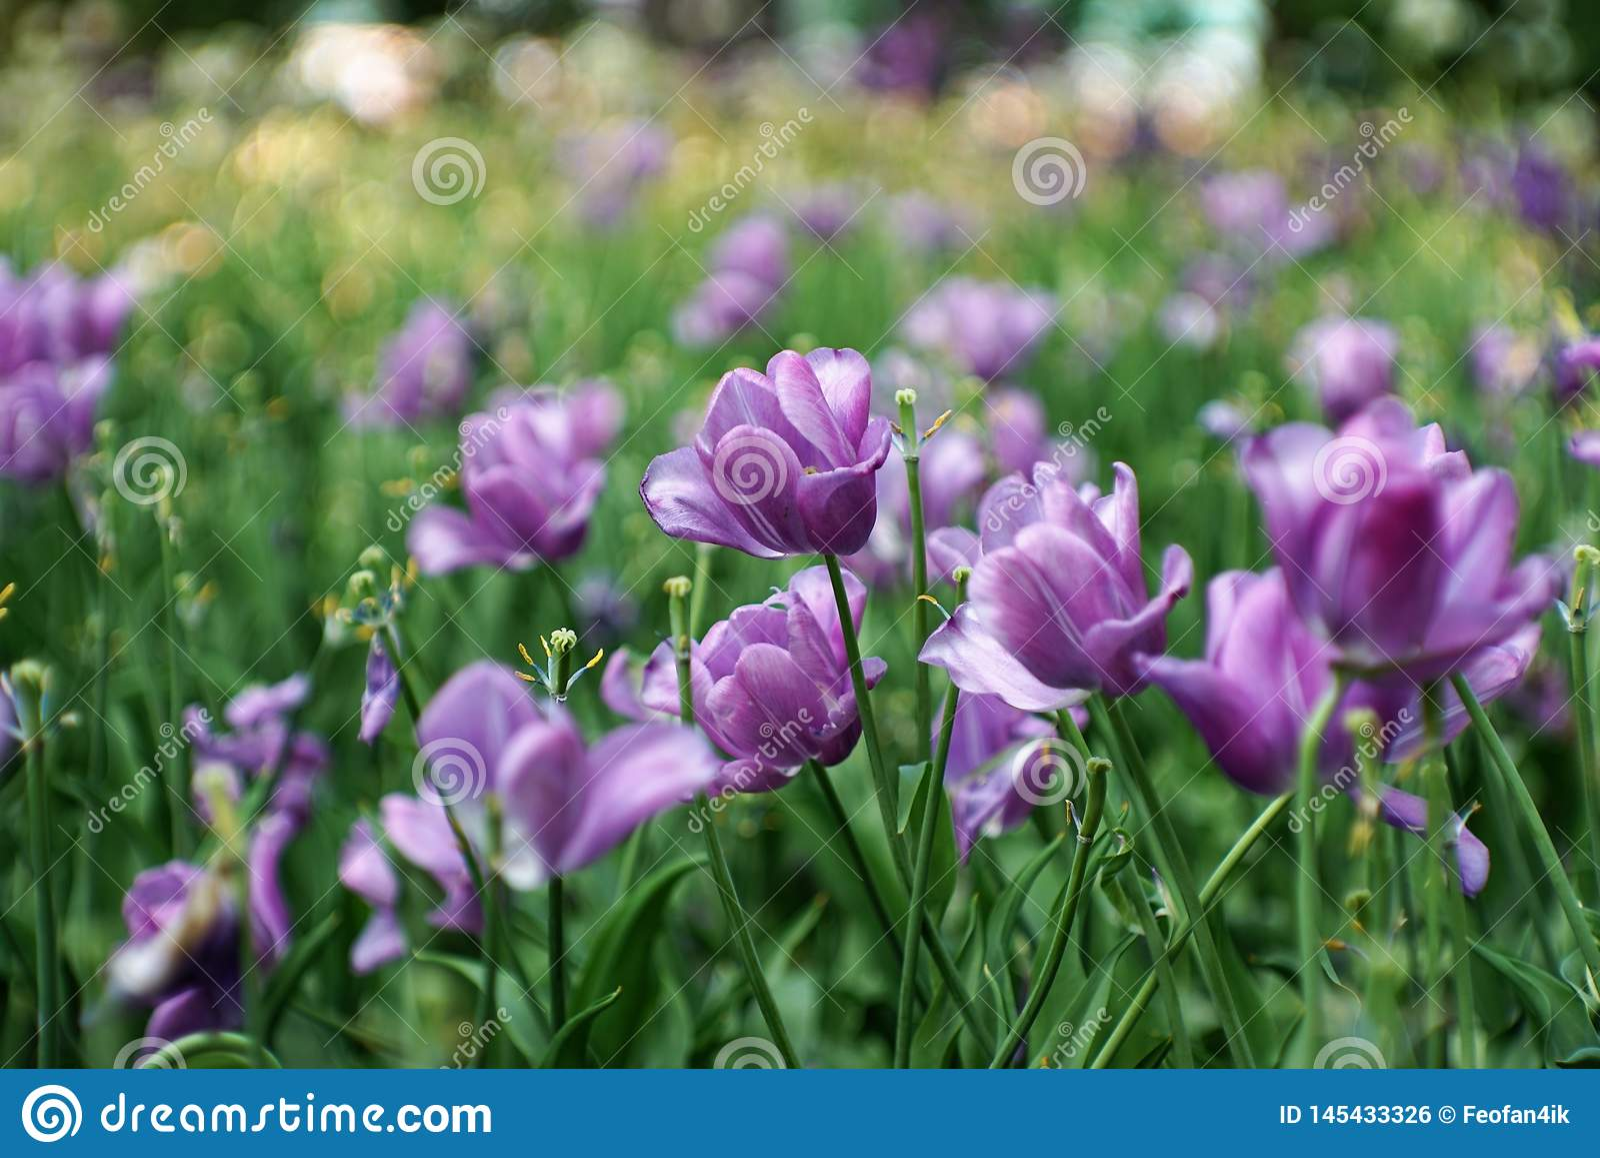 Deliciosamente tulipas na flor completa tulipas roxas, raras